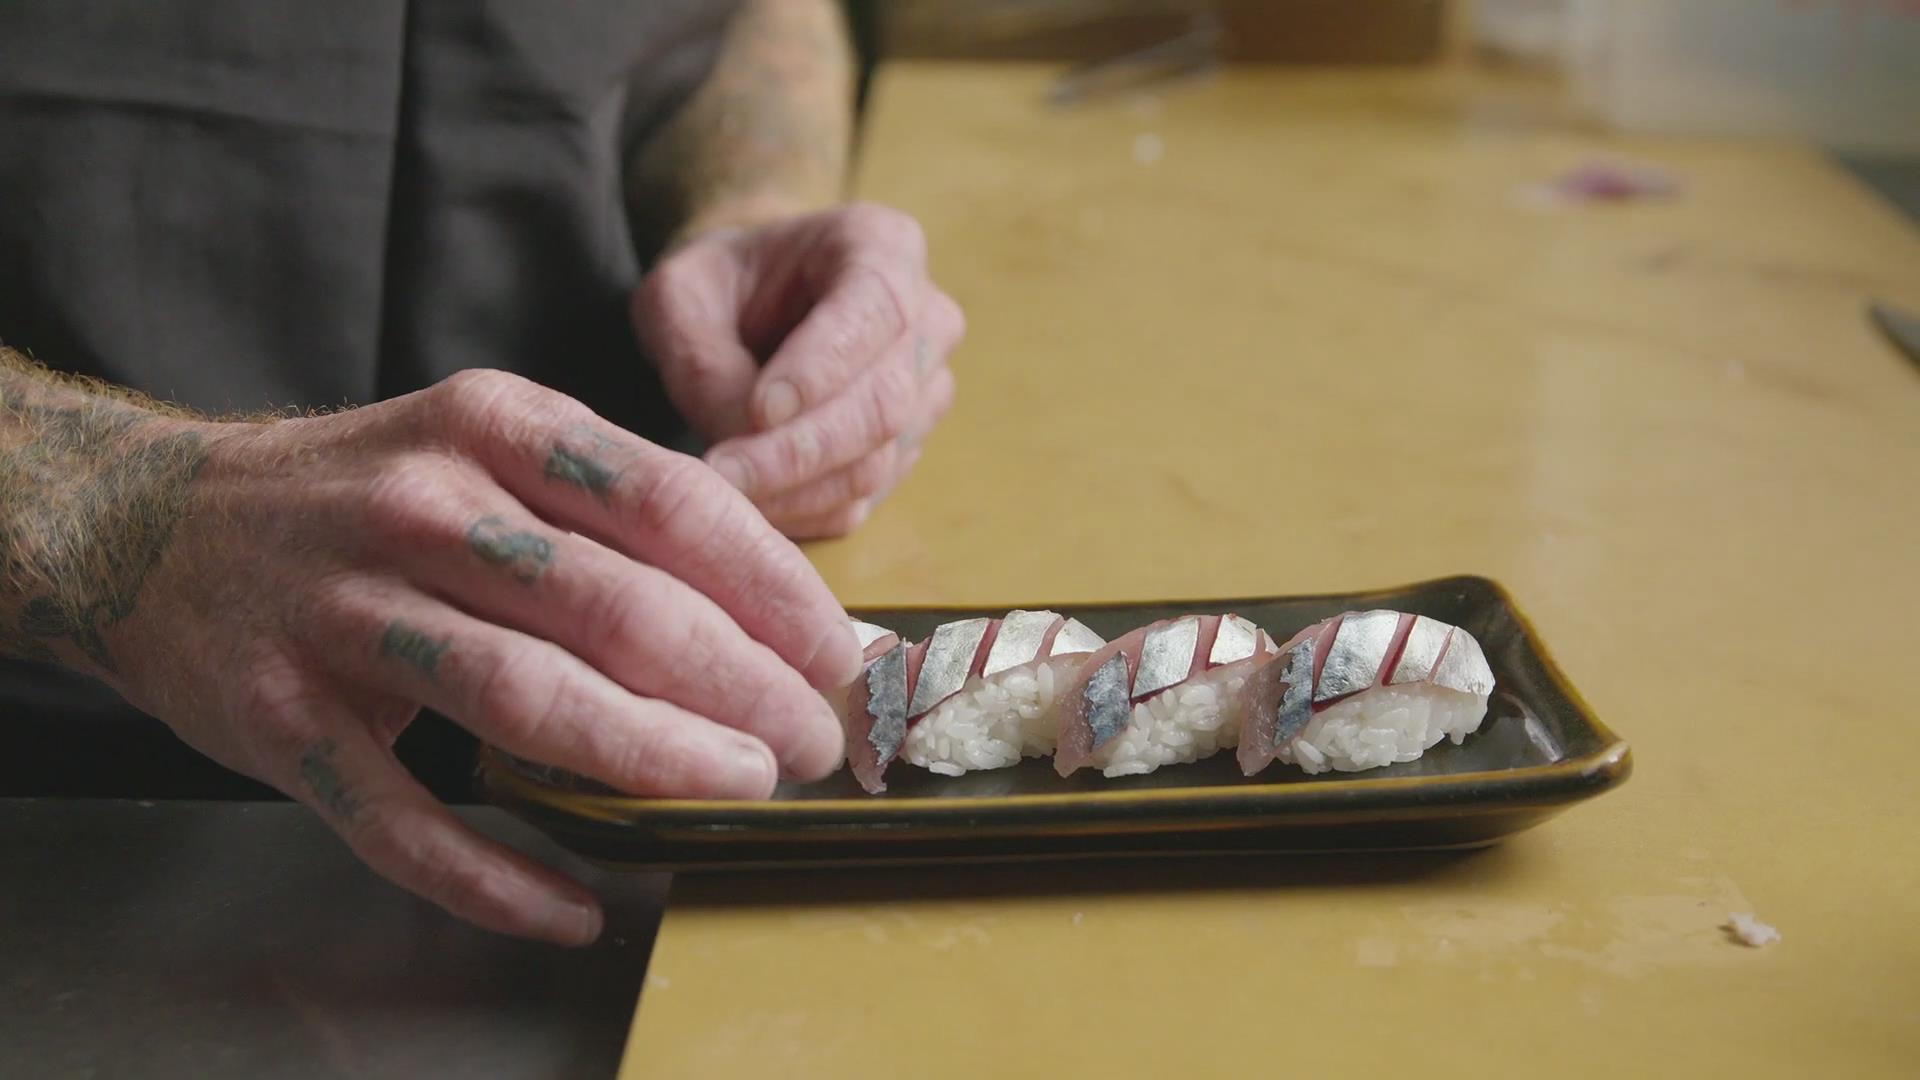 厨师生卤挪威青花鱼,做超鲜醋腌日本特色鲭鱼寿司!